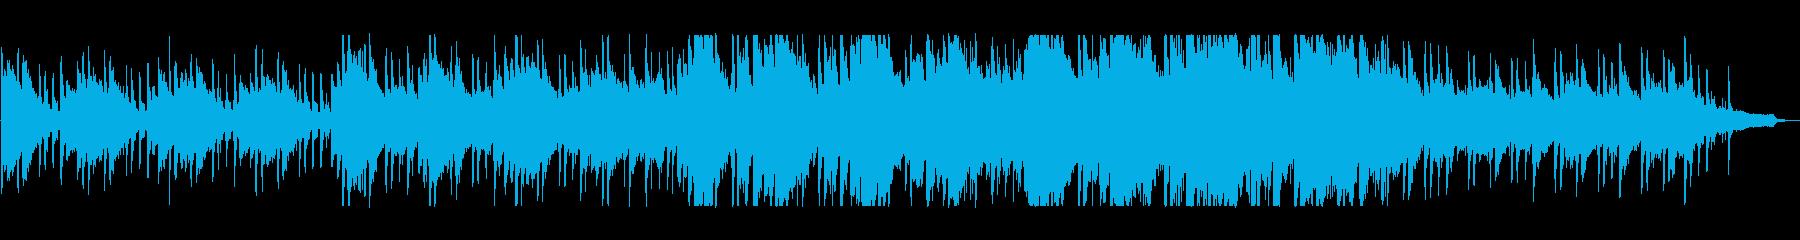 落ち着きのある懐かしいバラードの再生済みの波形